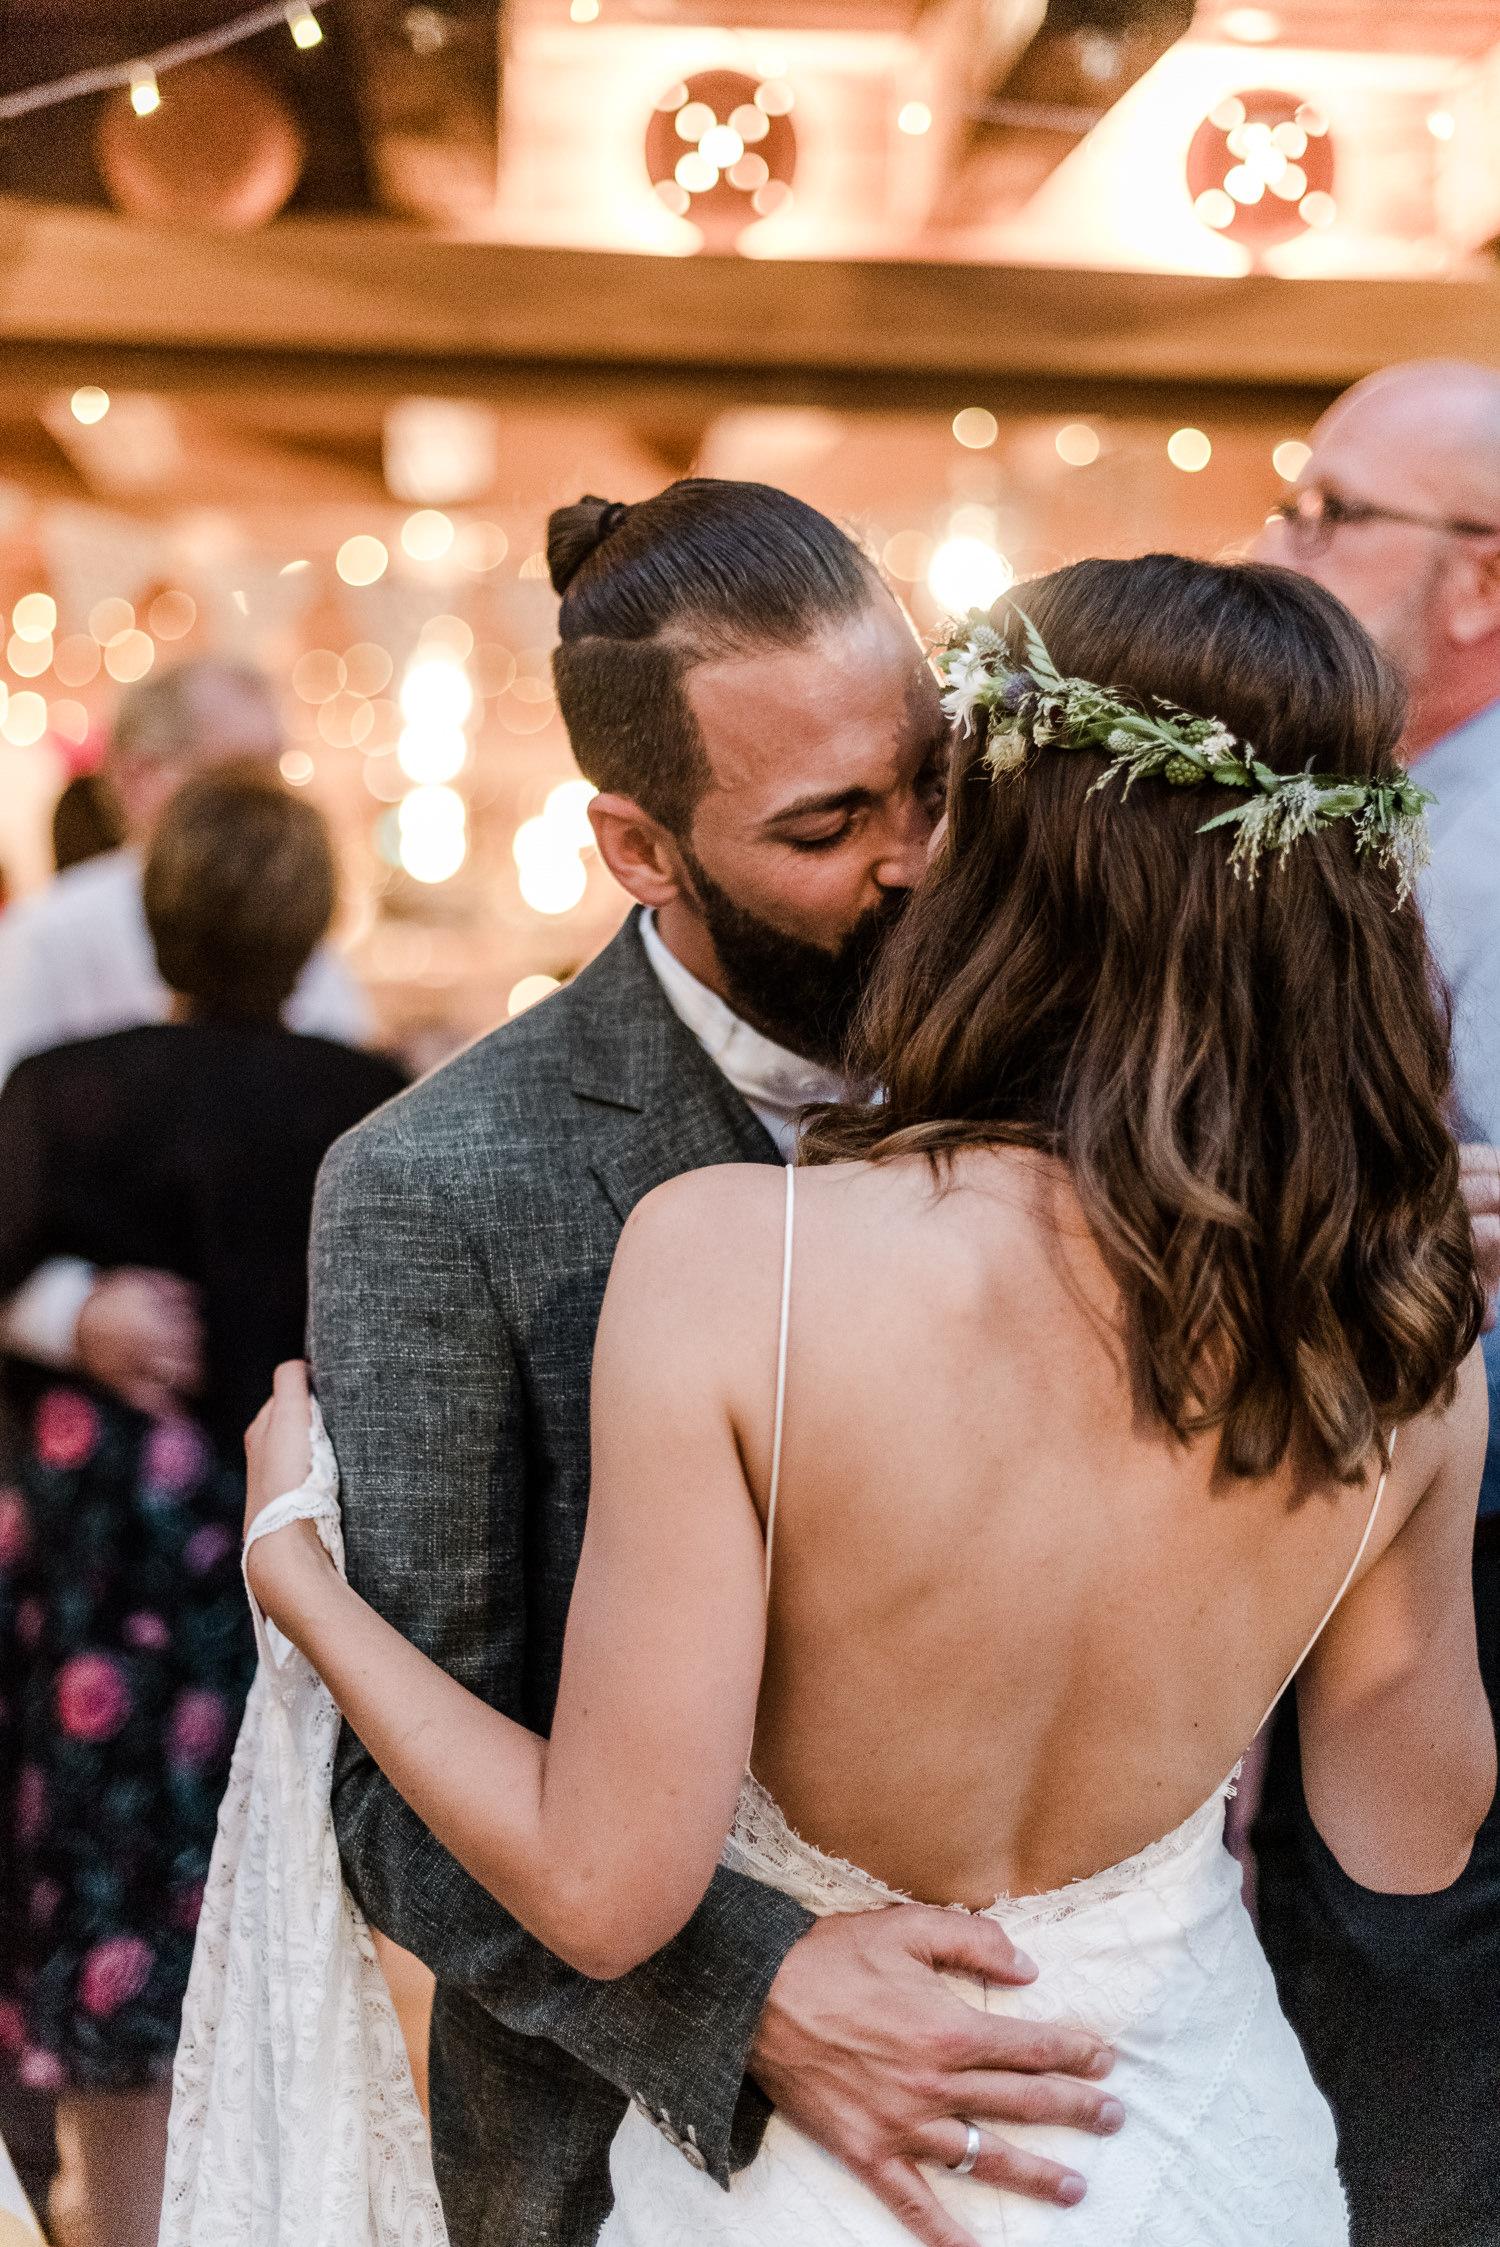 Braut und Bräutigam beim Kuss auf der Tanzfläche am Grandsberger Hof, bayerischer Wald